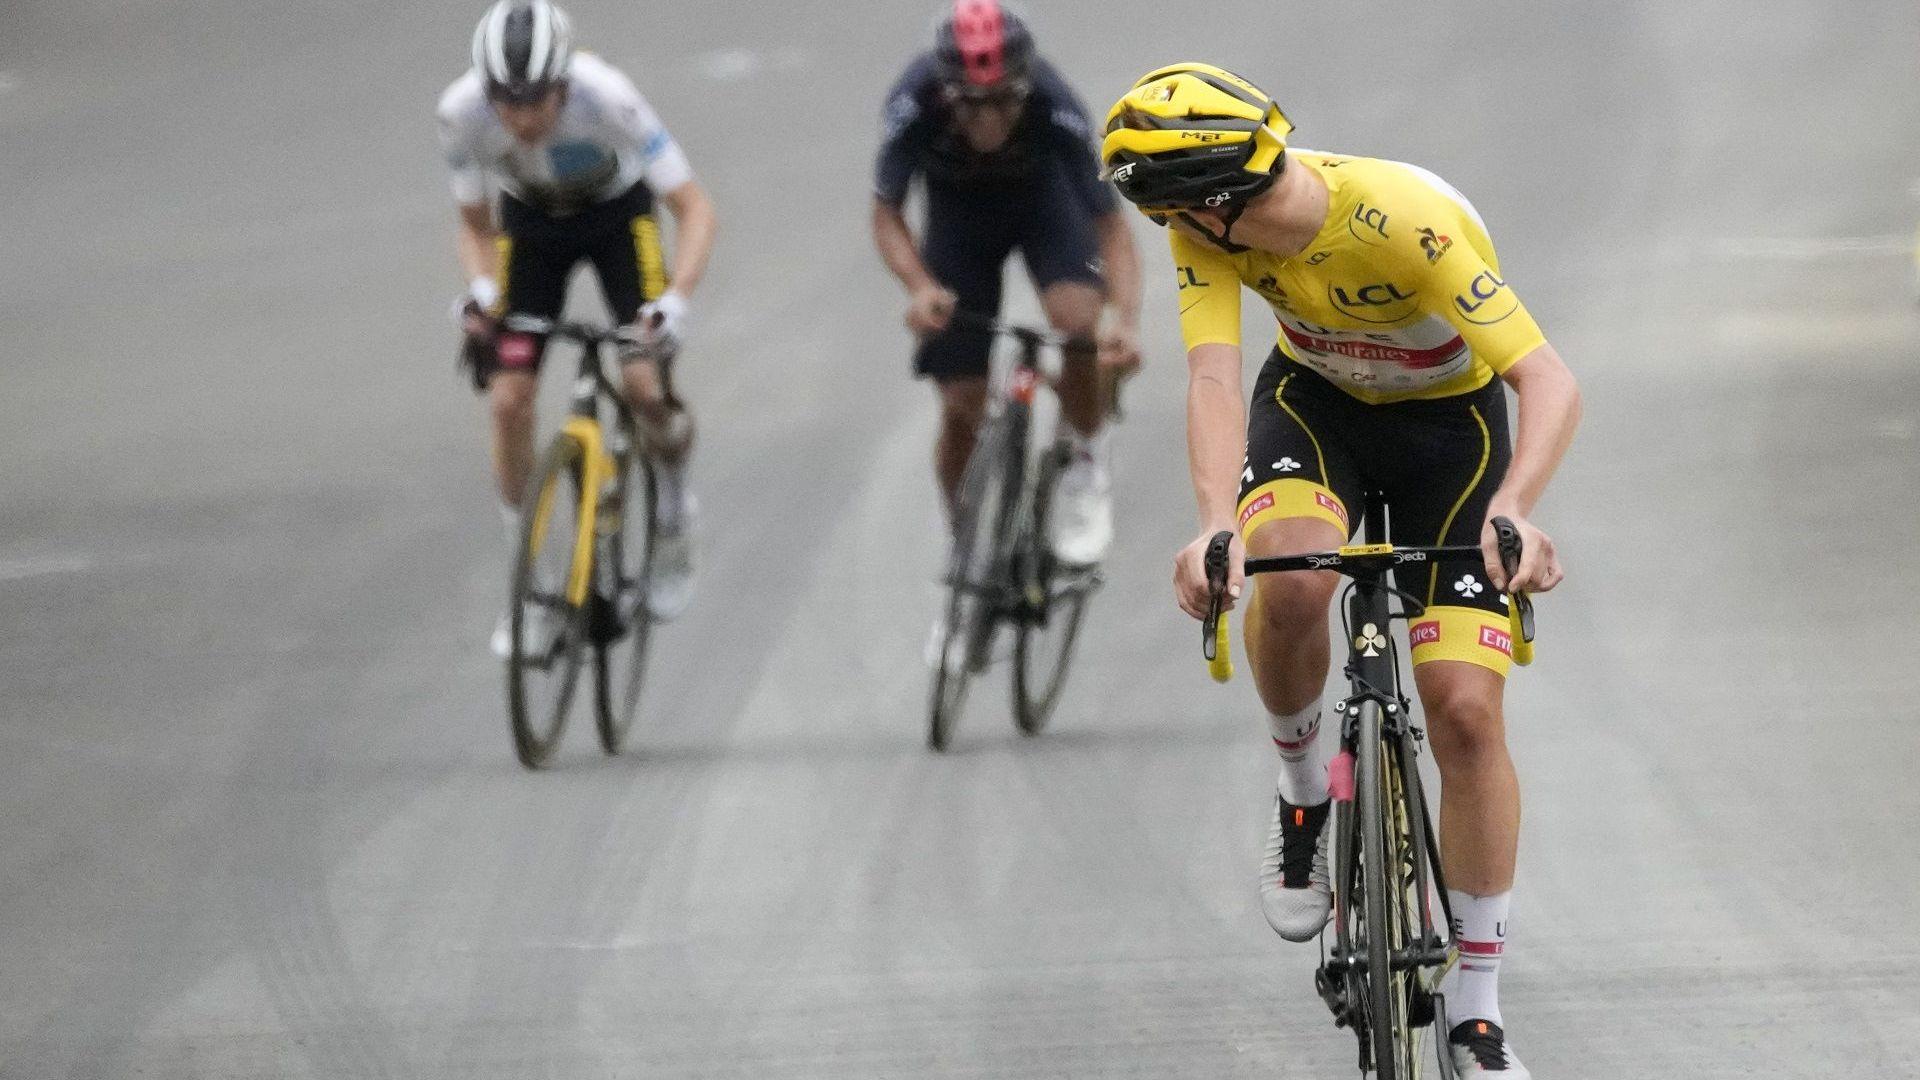 """Шампионът Погачар отново показа кой е господар на """"Тур дьо Франс"""""""